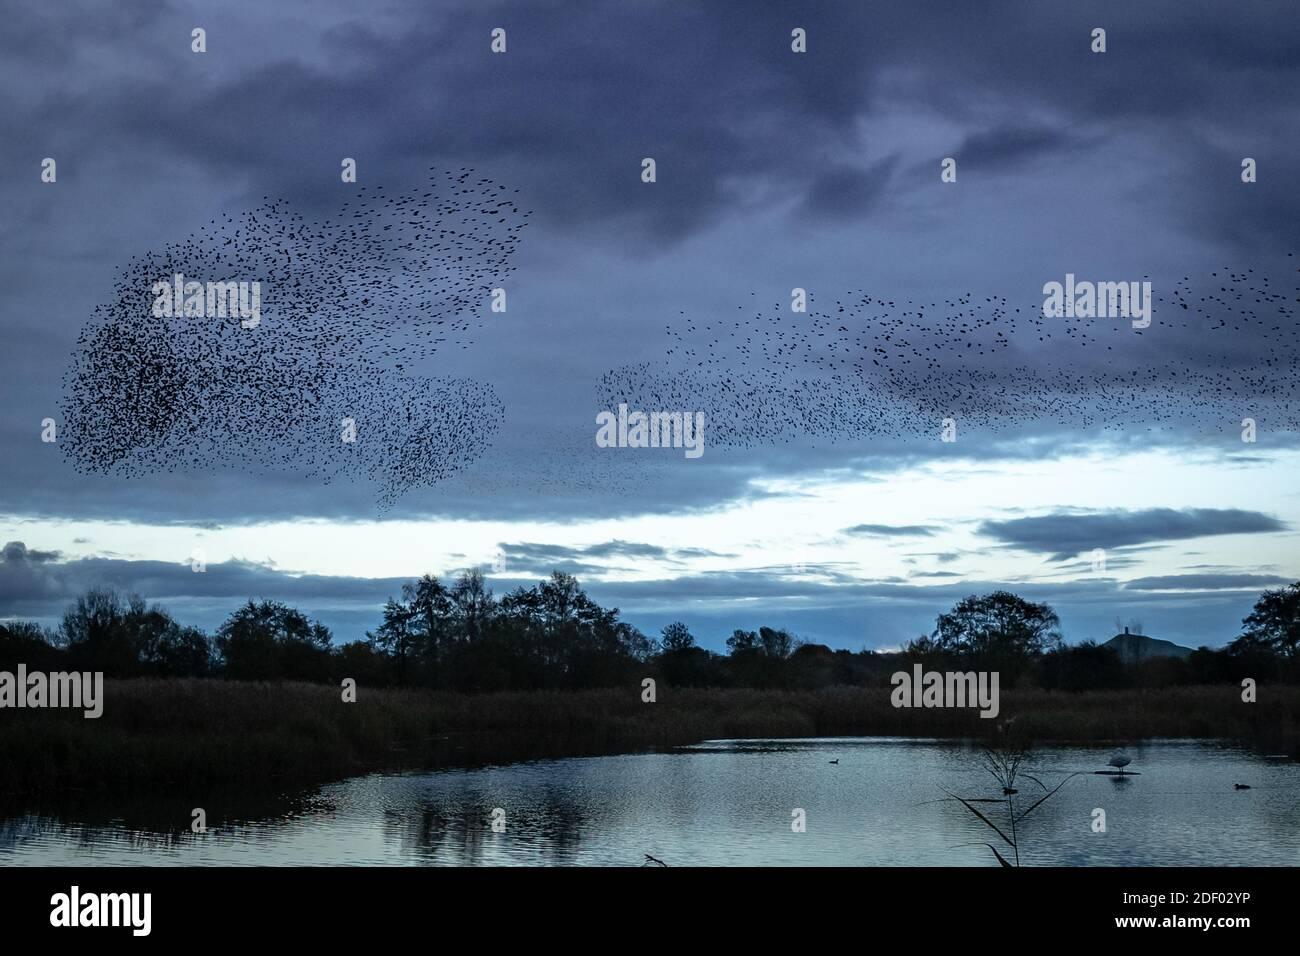 Météo au Royaume-Uni : murmure d'étoiles en soirée au-dessus de la réserve RSPB de Ham Wall, partie de la réserve naturelle des marais d'Avalon dans le Somerset, au Royaume-Uni Banque D'Images